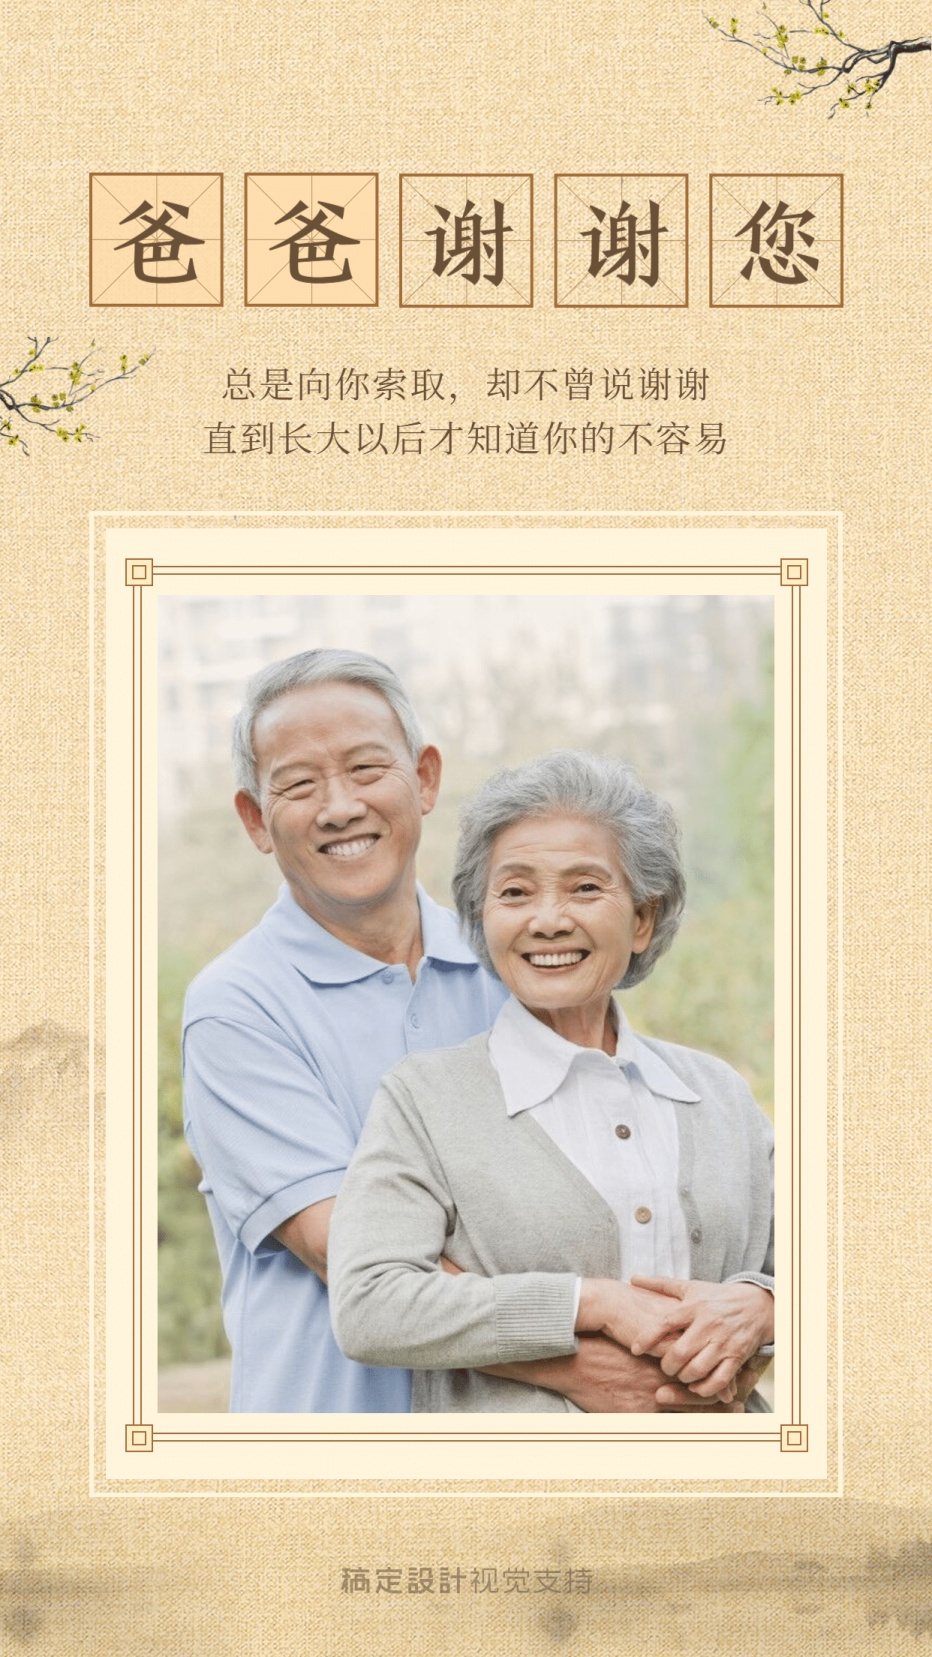 文艺清新父亲节海报